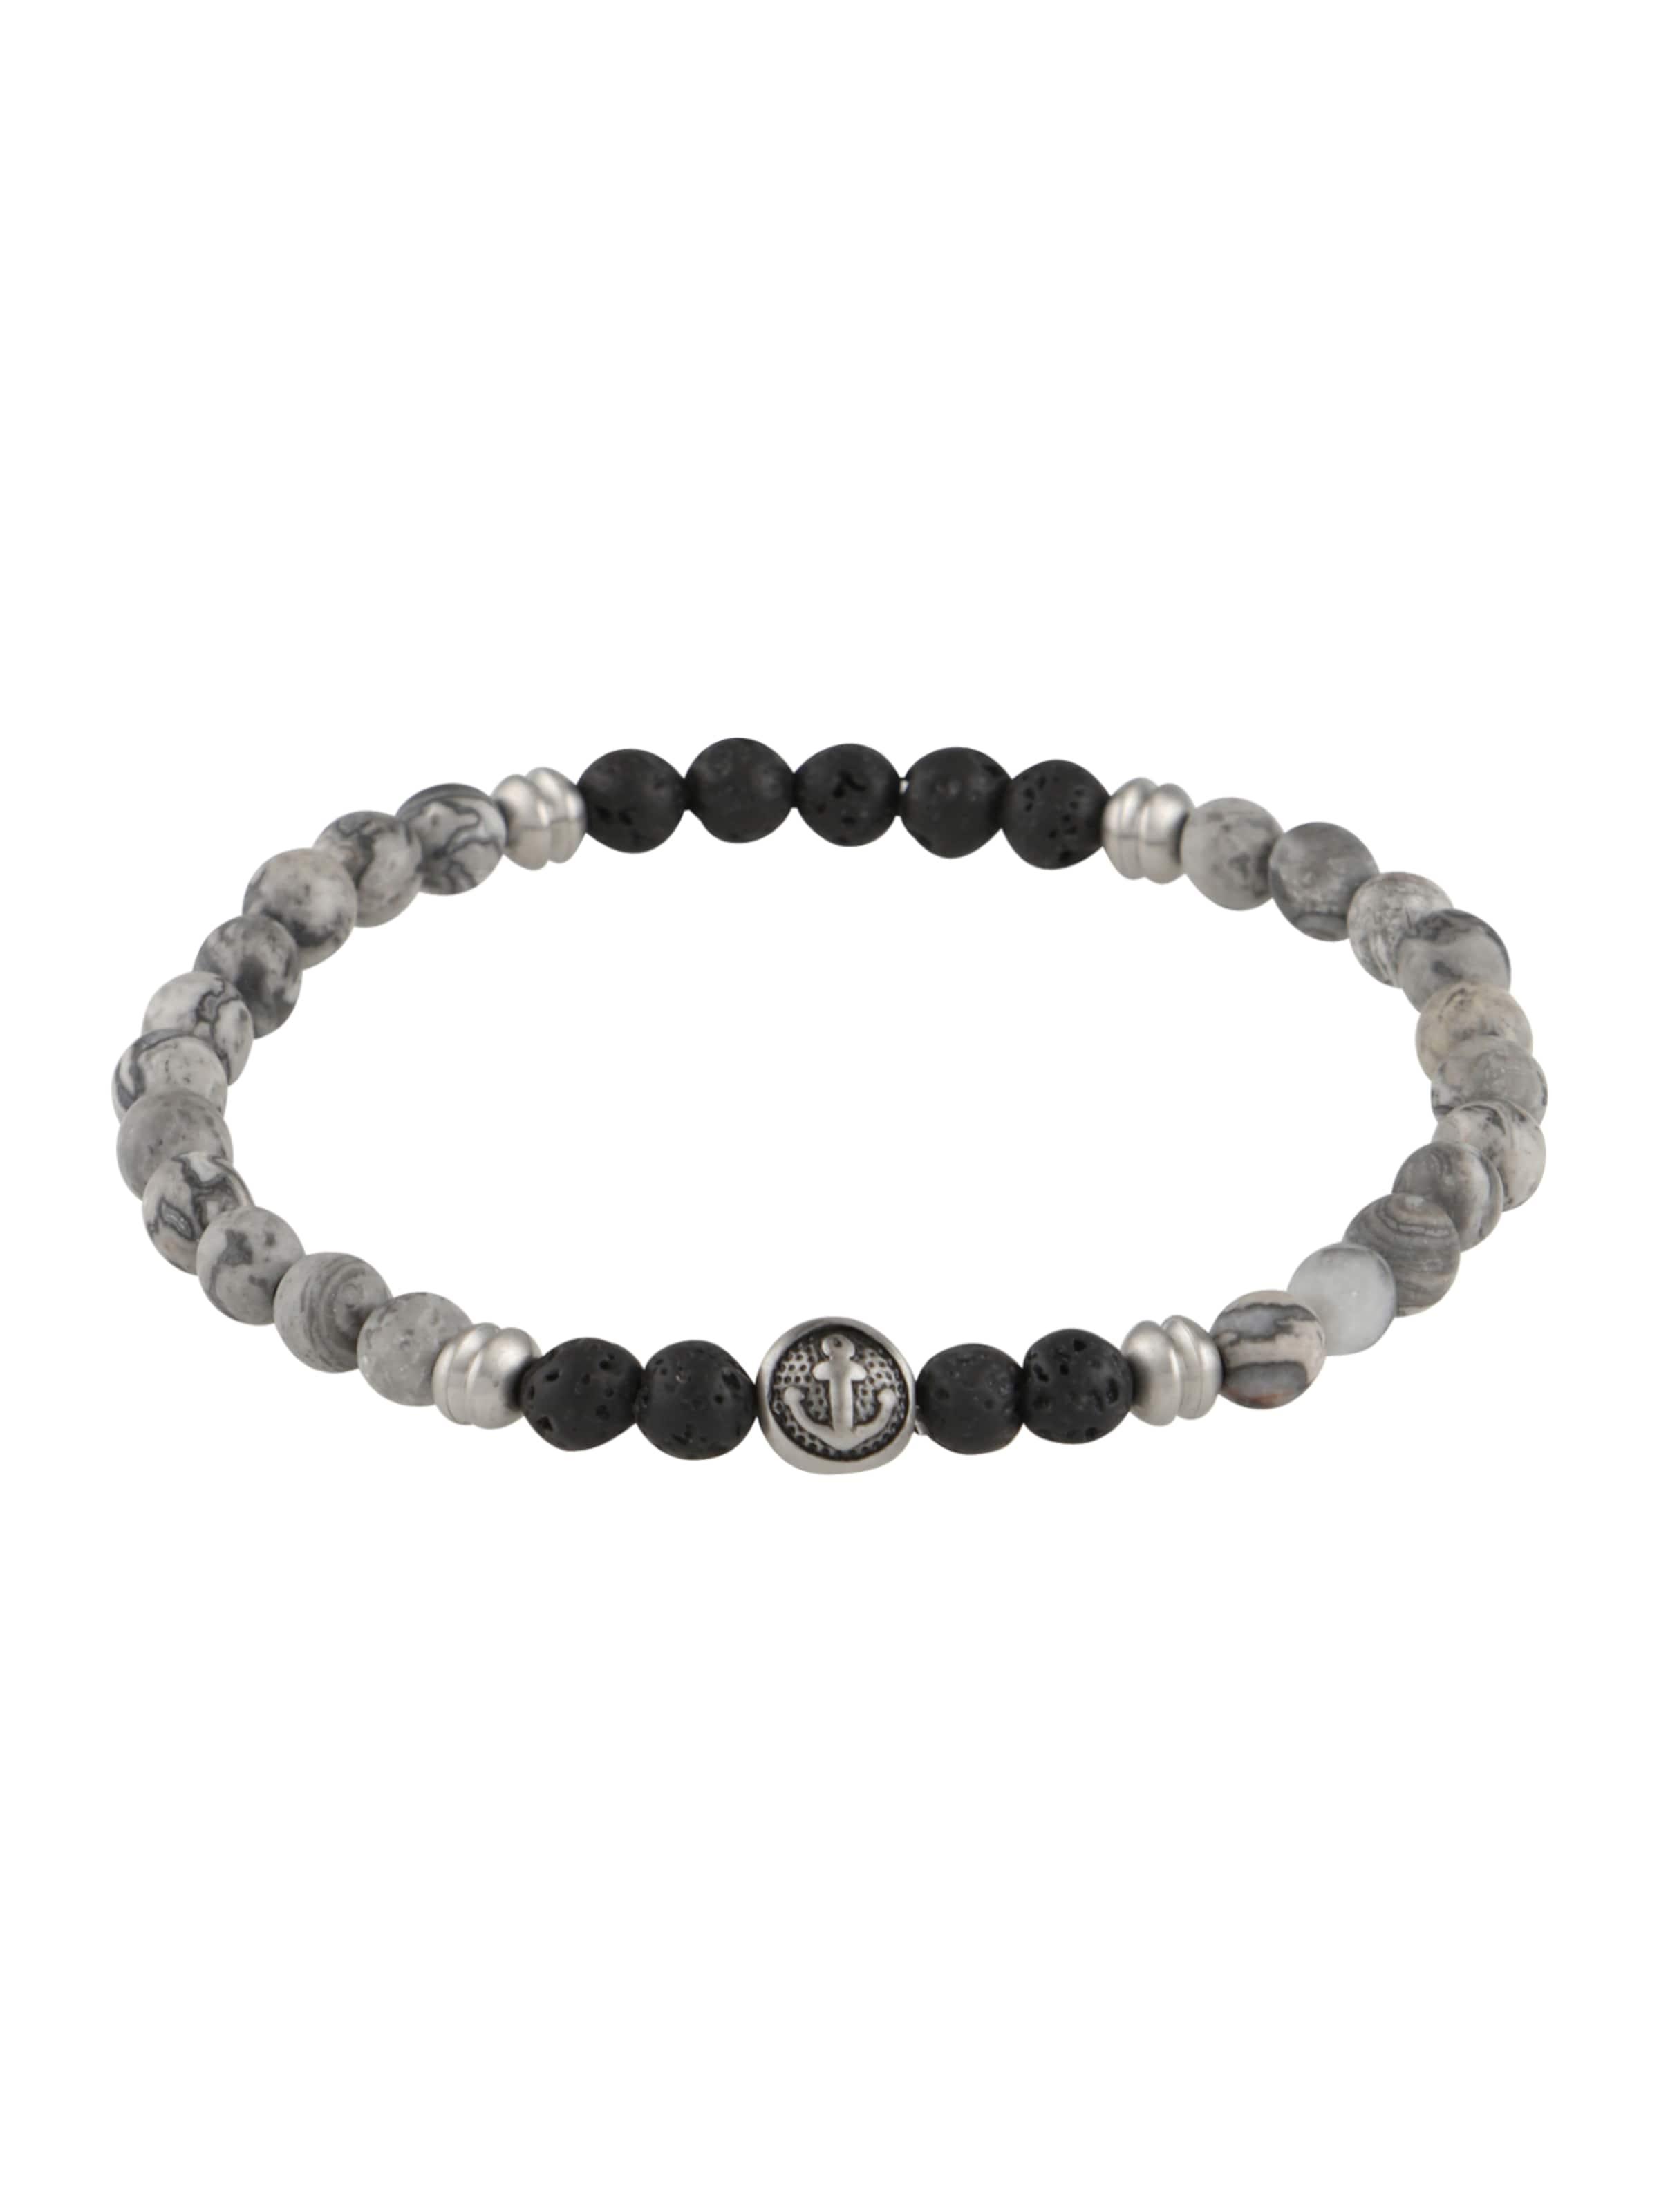 'bracelet' GrauSchwarz In Royal Armband ego Yb76vgfy